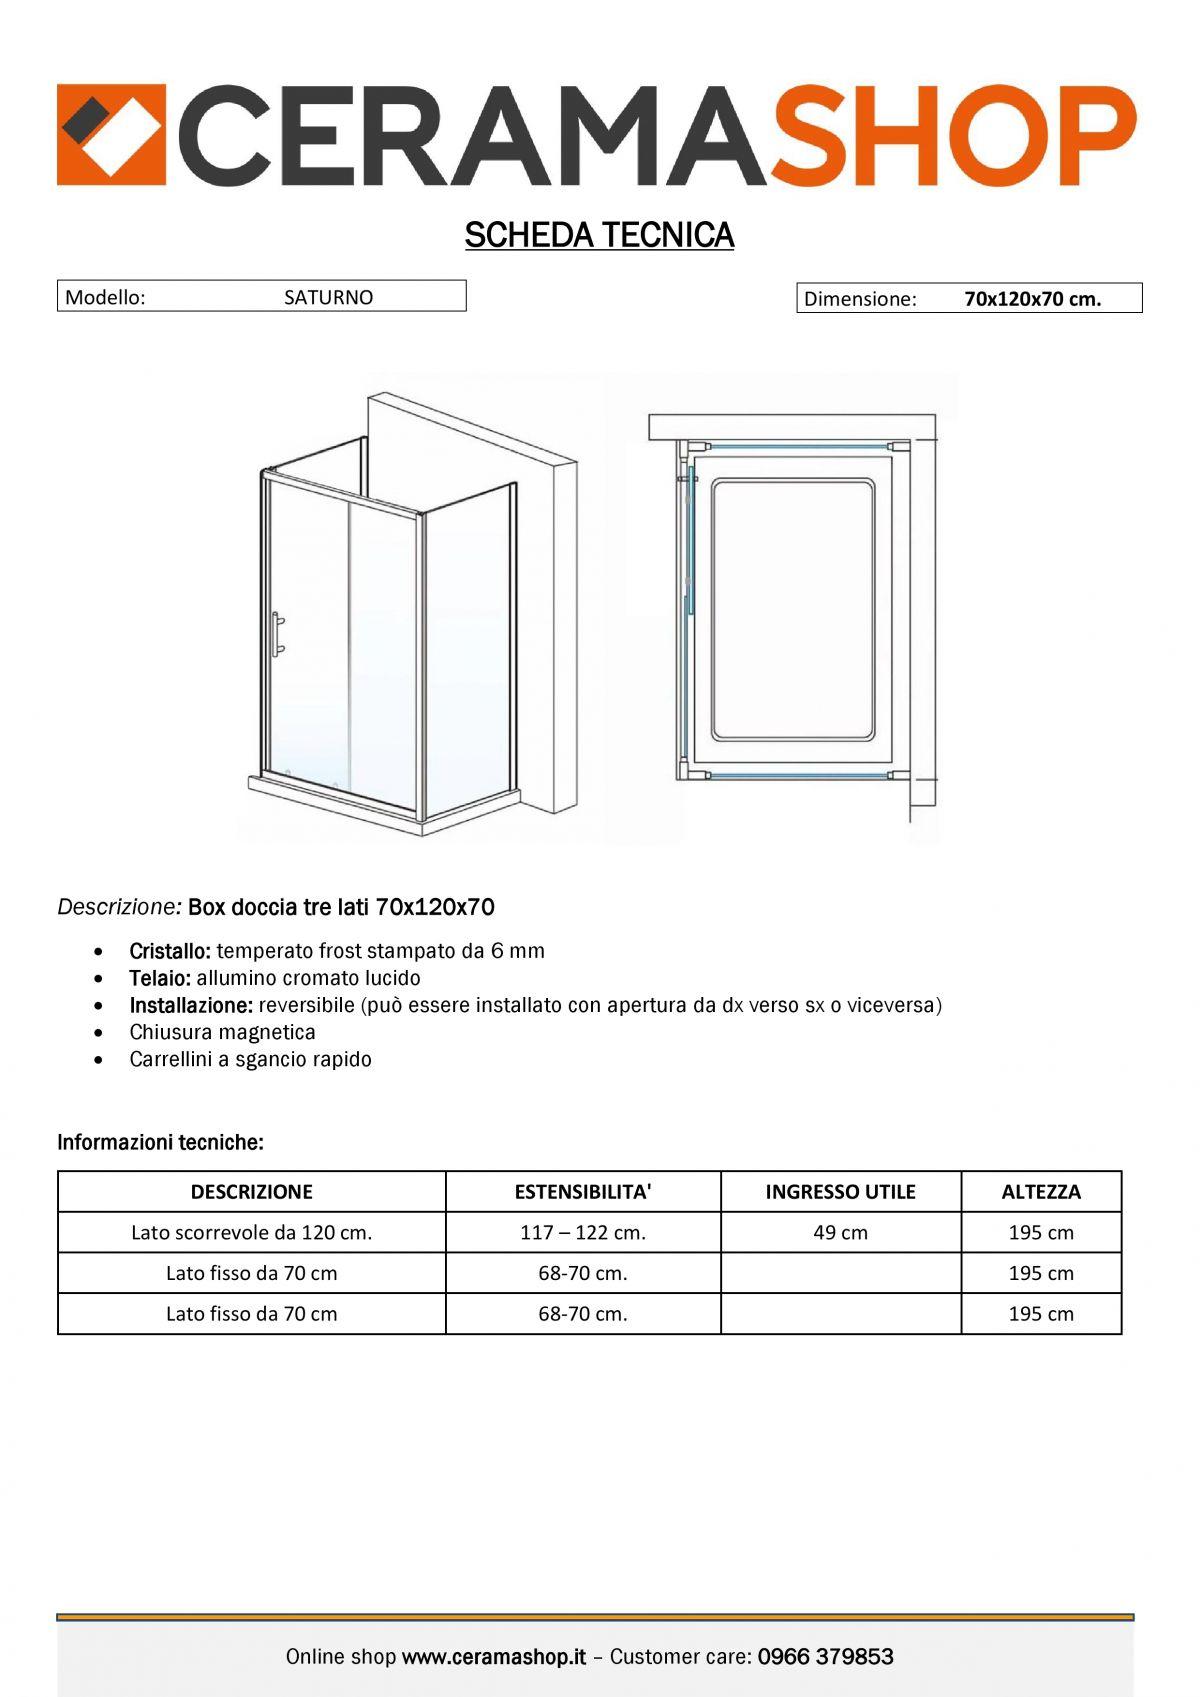 """70x120x70 000001 1 scaled Box Cabina doccia tre lati """"Saturno"""" 70x120x70 cm scorrevole cristallo satinato 6 mm"""